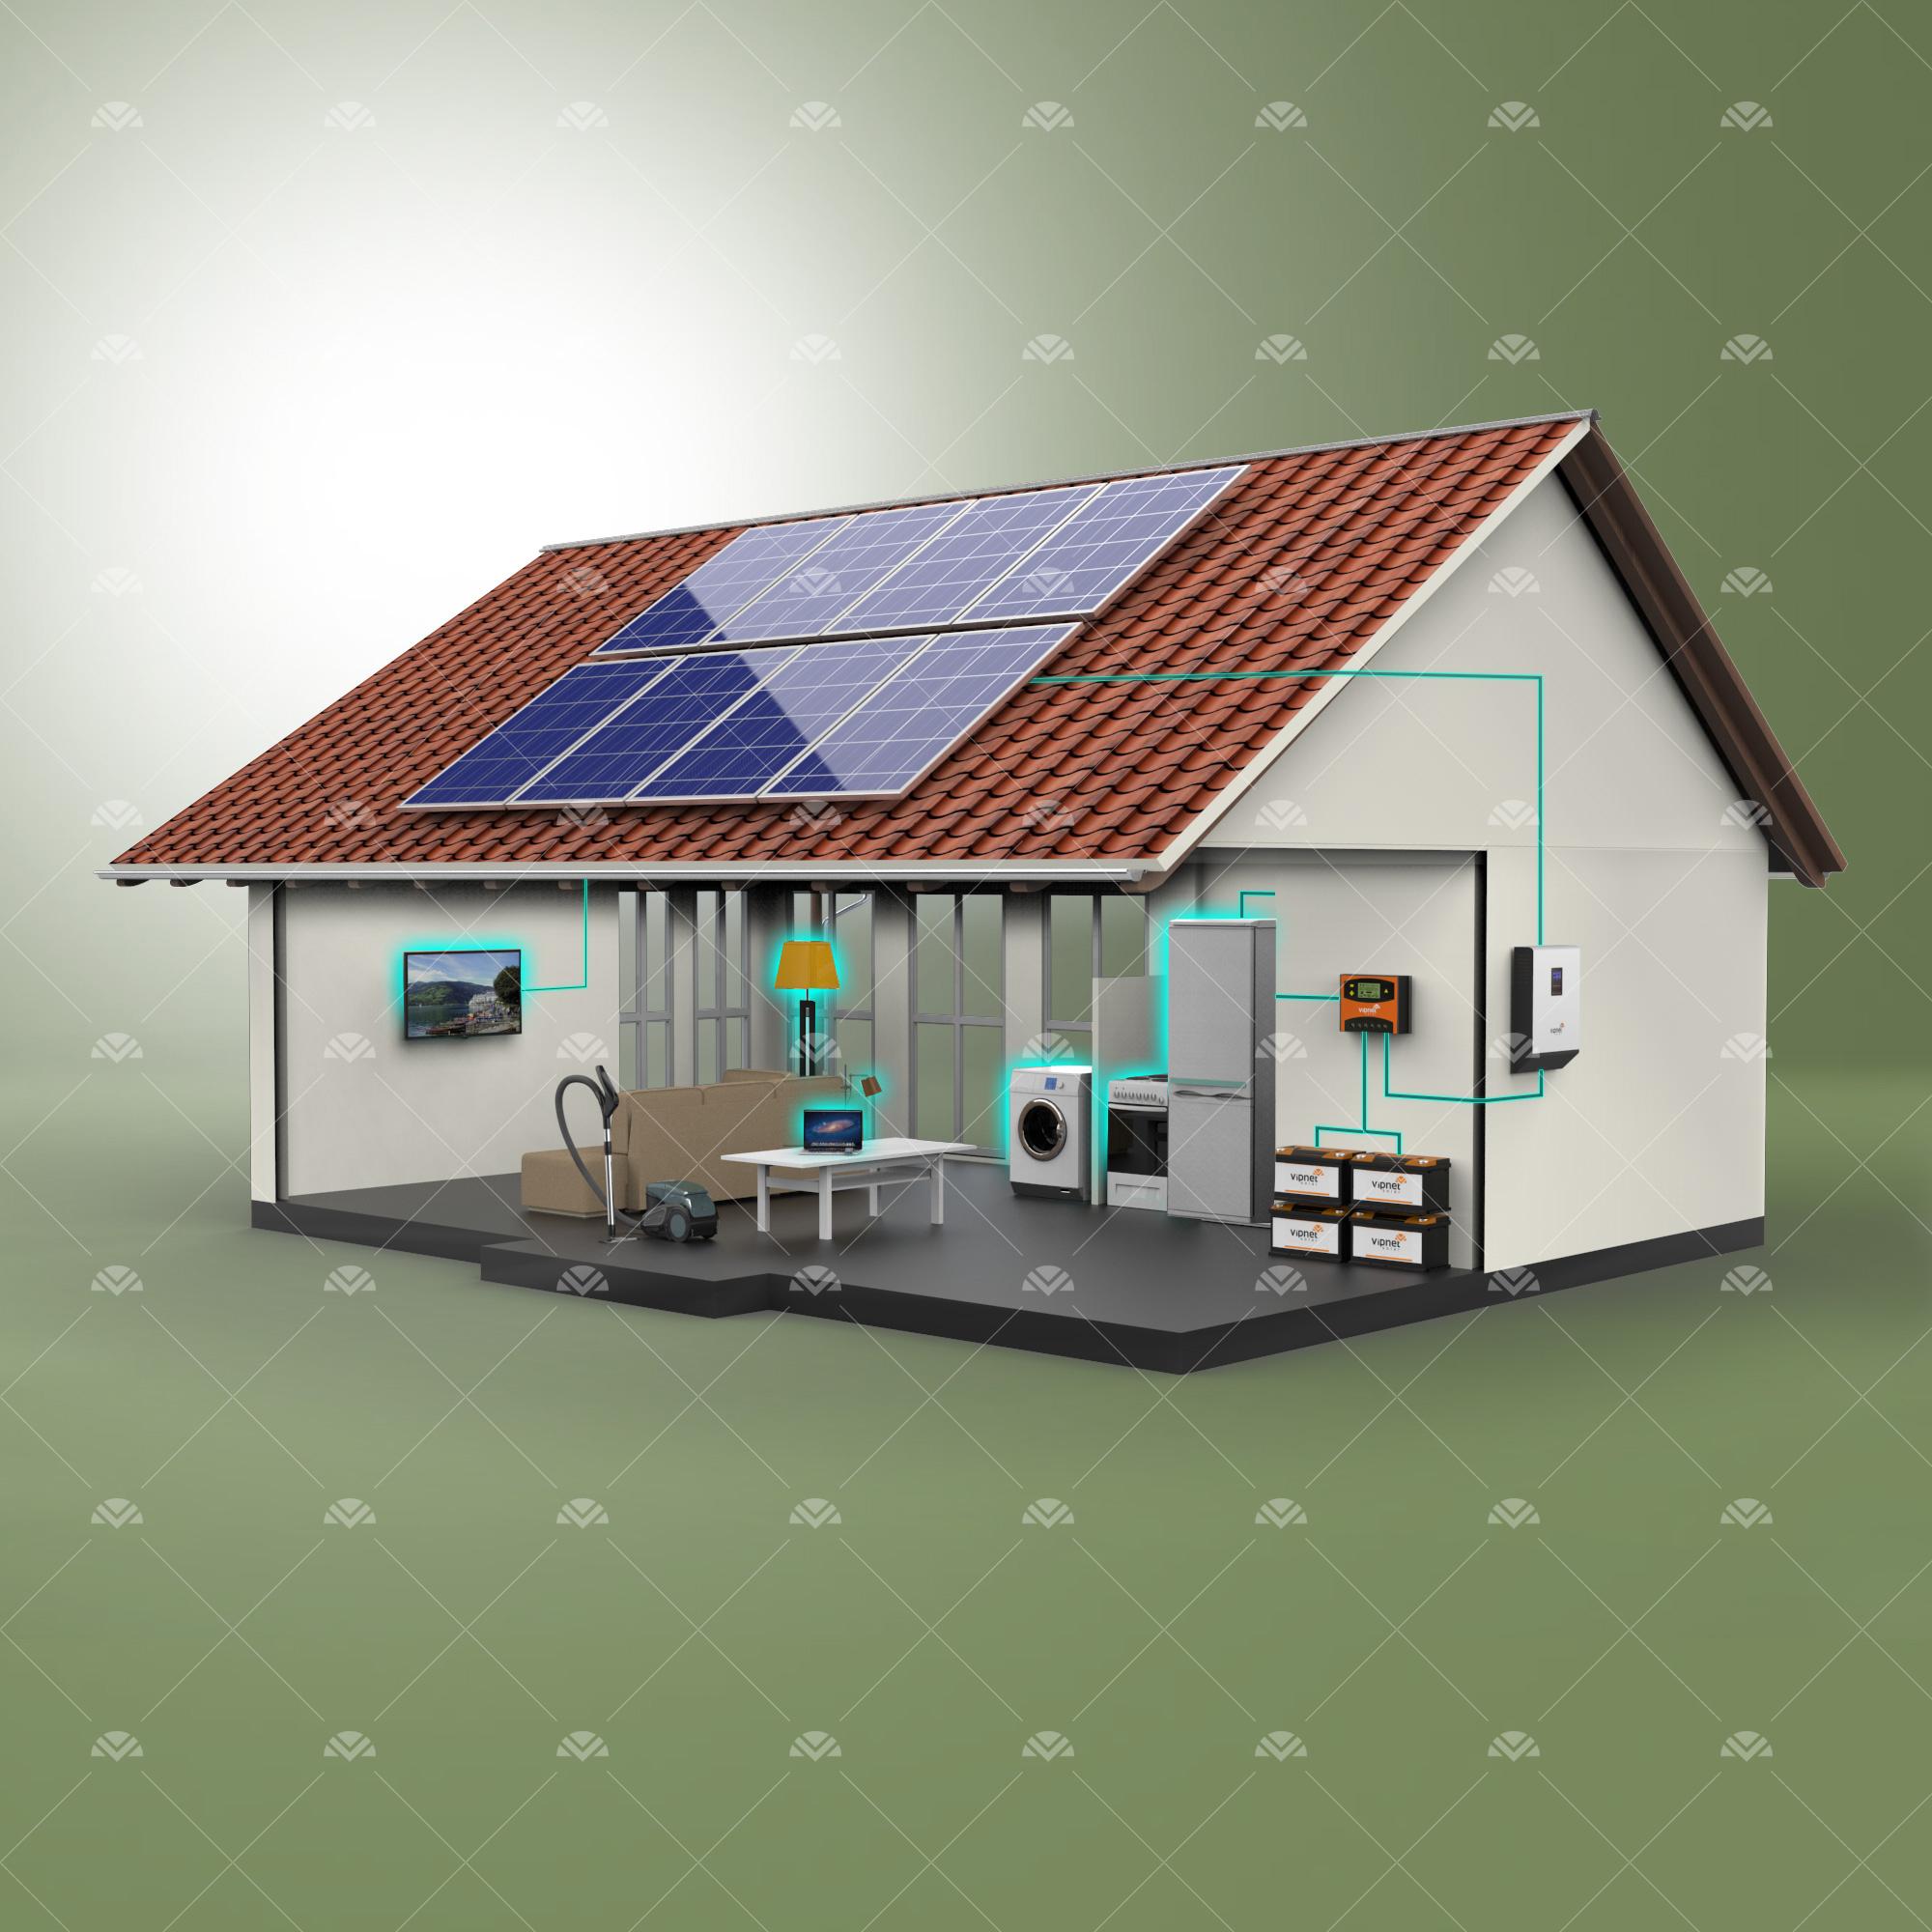 Solar Paket 7-lambalar, tv, süpürge, büyük buzdolabı, çamaşır makinesi, ev aletleri, su pompası